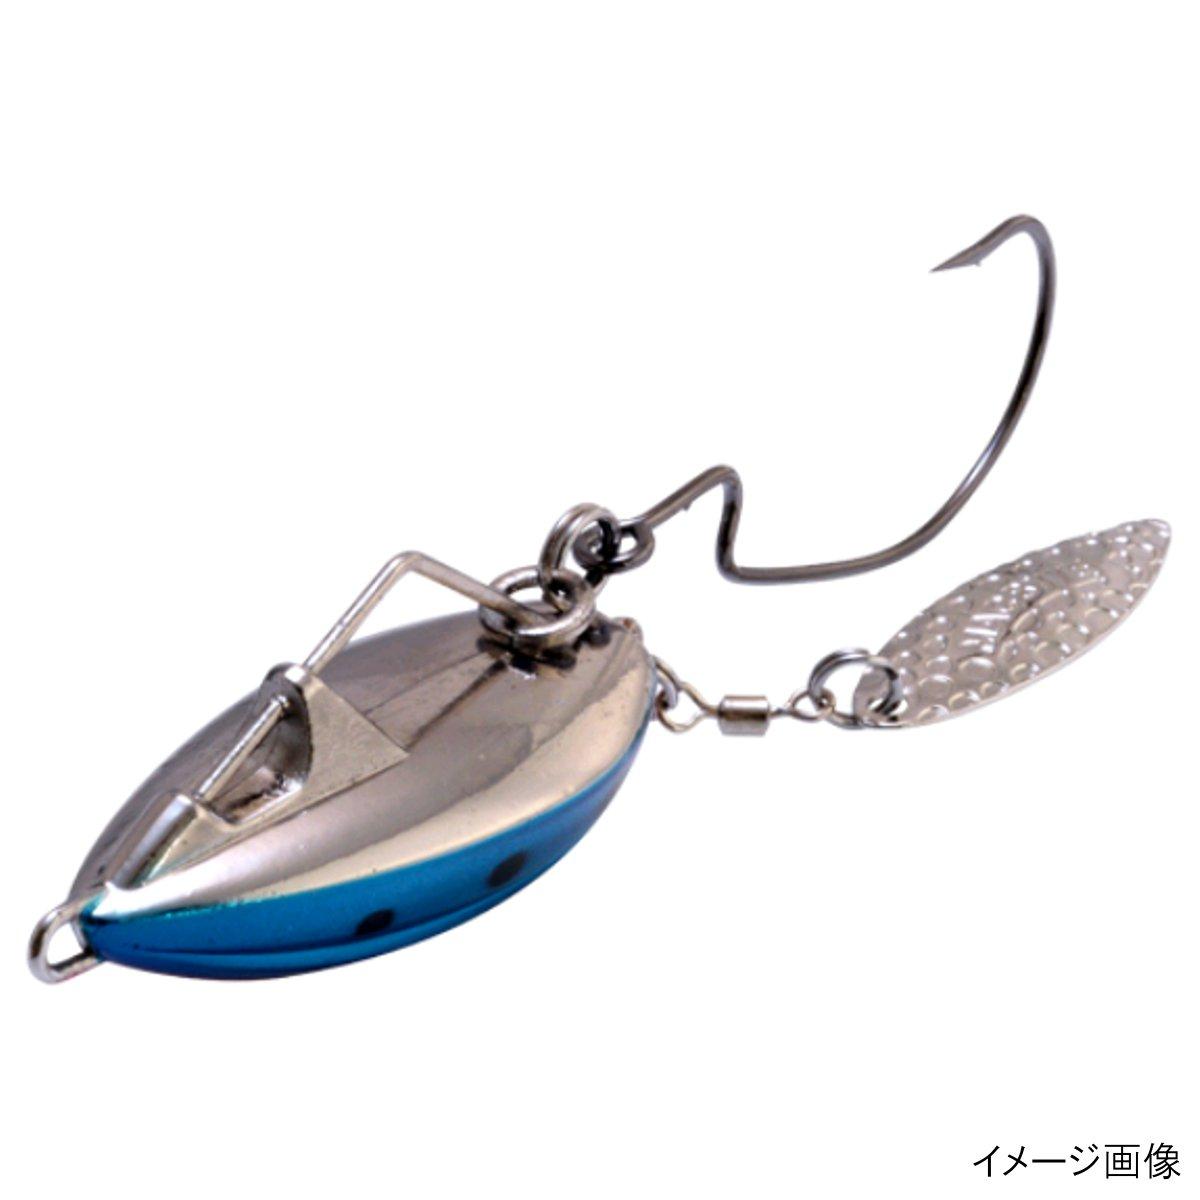 マグバイト バサロHD MBL05 60g 05IS(イワシ)【ゆうパケット】